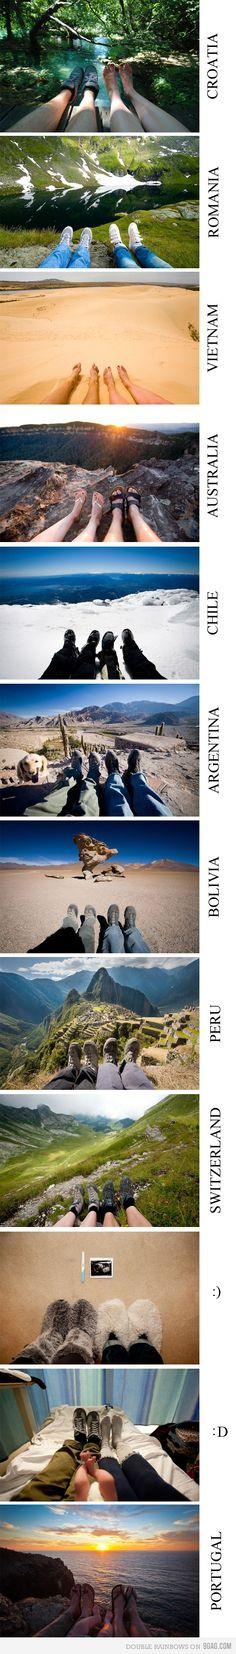 Dezelfde voeten op verschillende bijzondere plekken op aarde. Wat een goed idee voor in Het Vakantieboek! www.belmondo.nl/vakantieboek